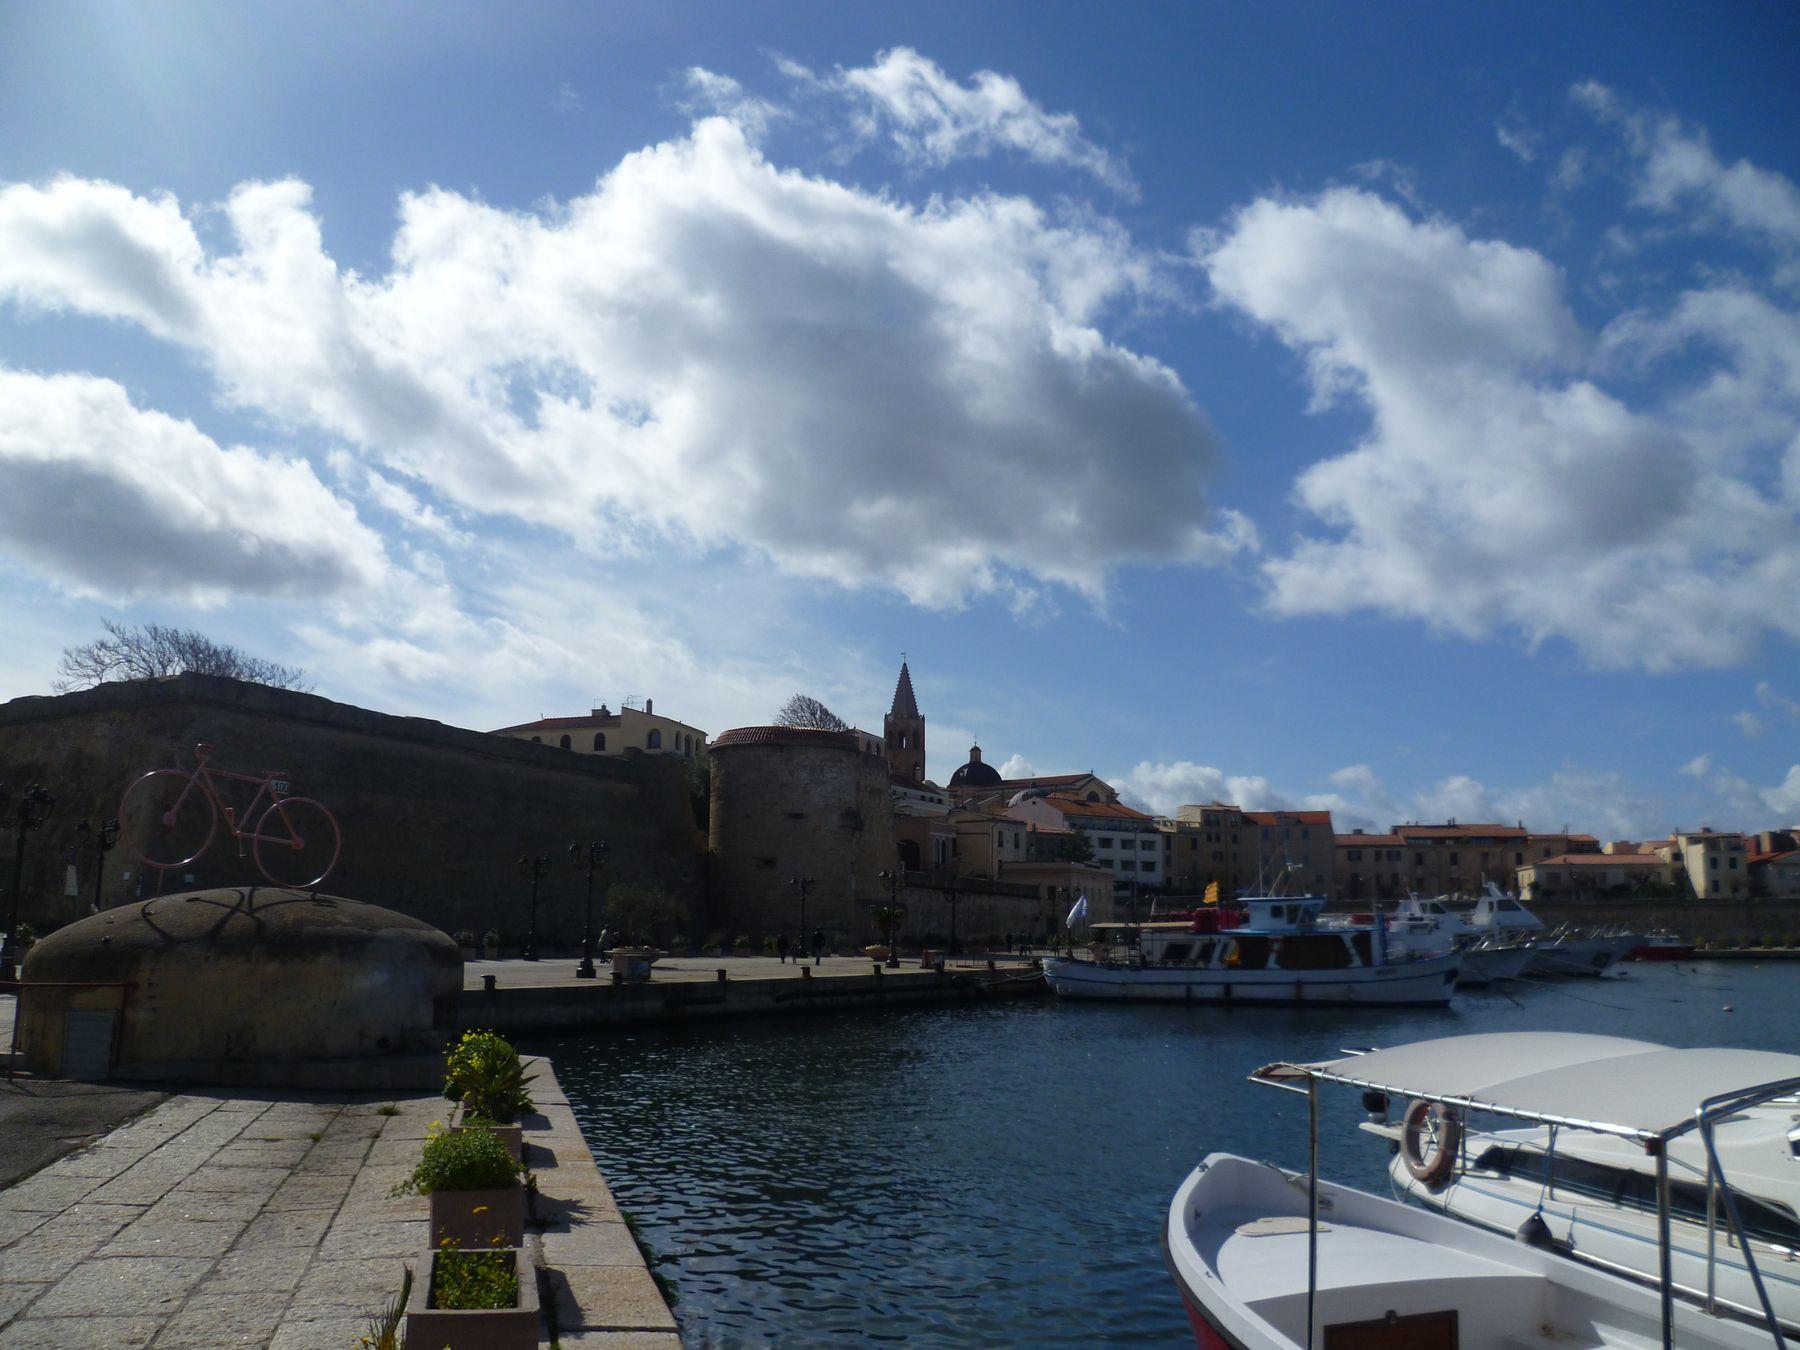 Альгеро в феврале Альгеро Сардиния февраль море облака